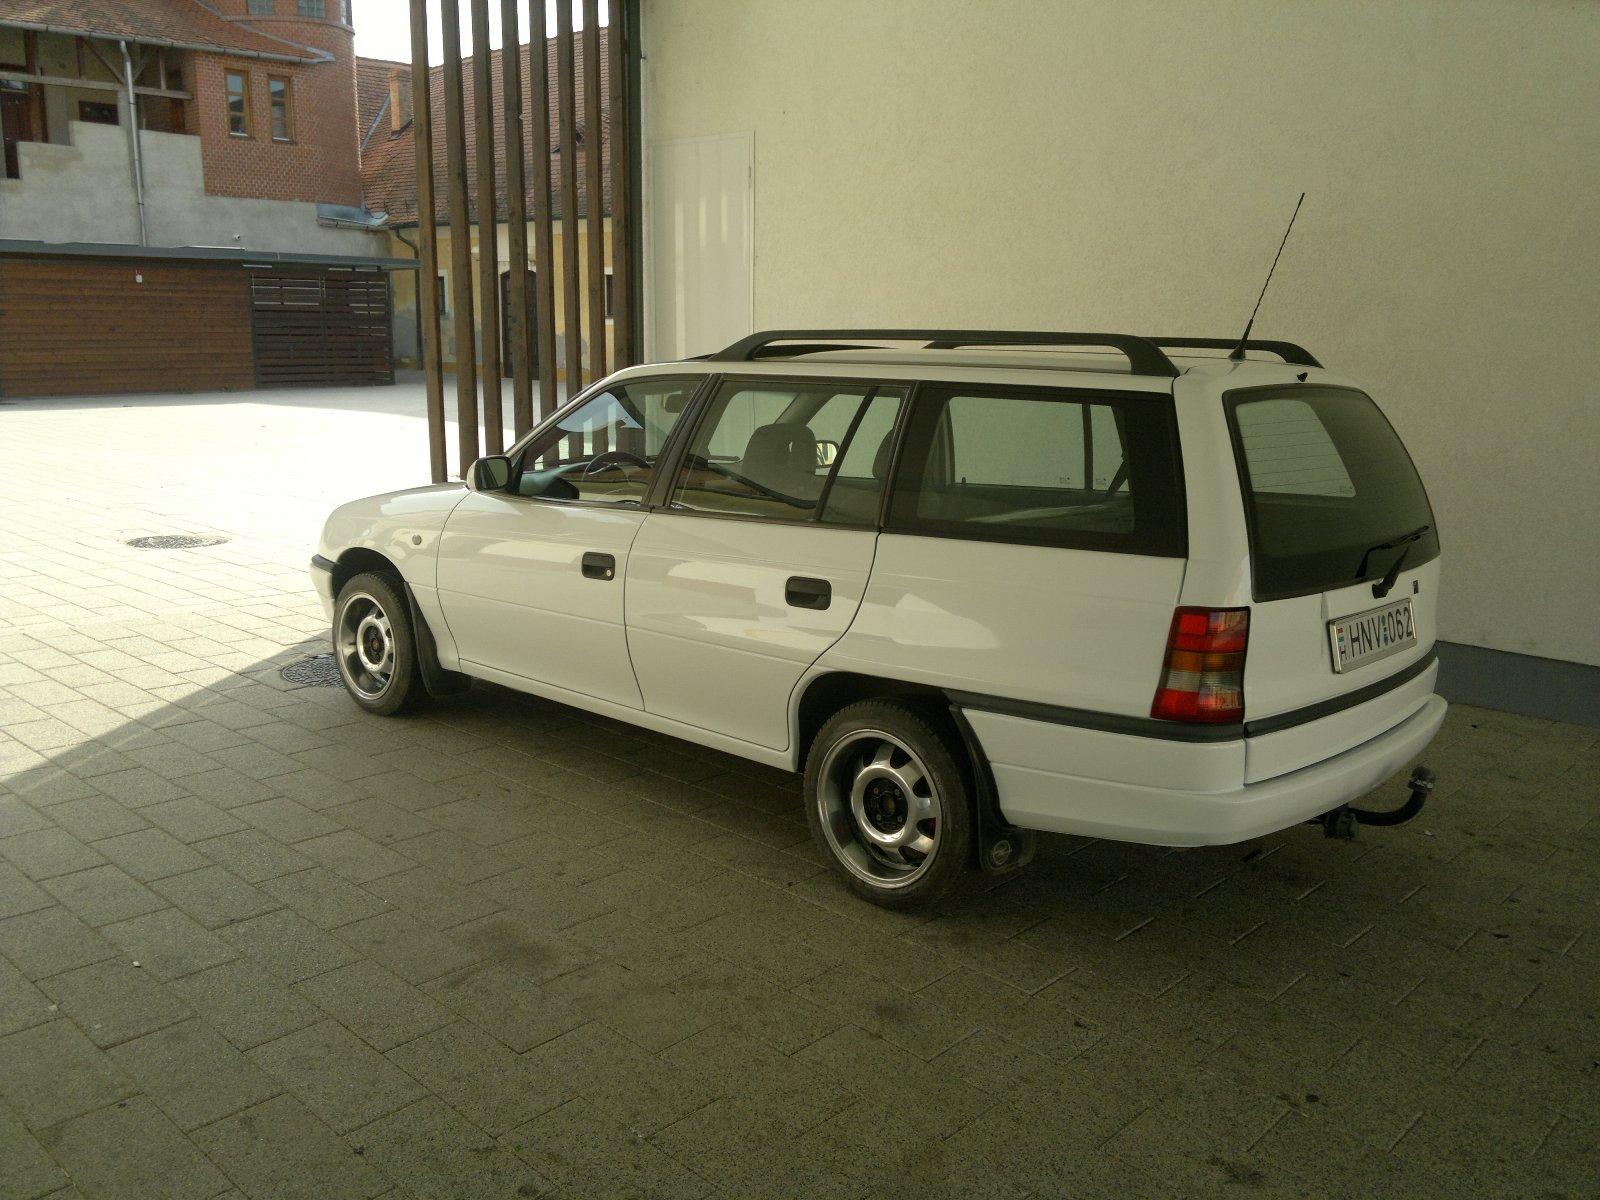 Opel Astra F Caravan tuning (FICSI) - CARSTYLING.COM    Magyar ... 6f7eb65bc7